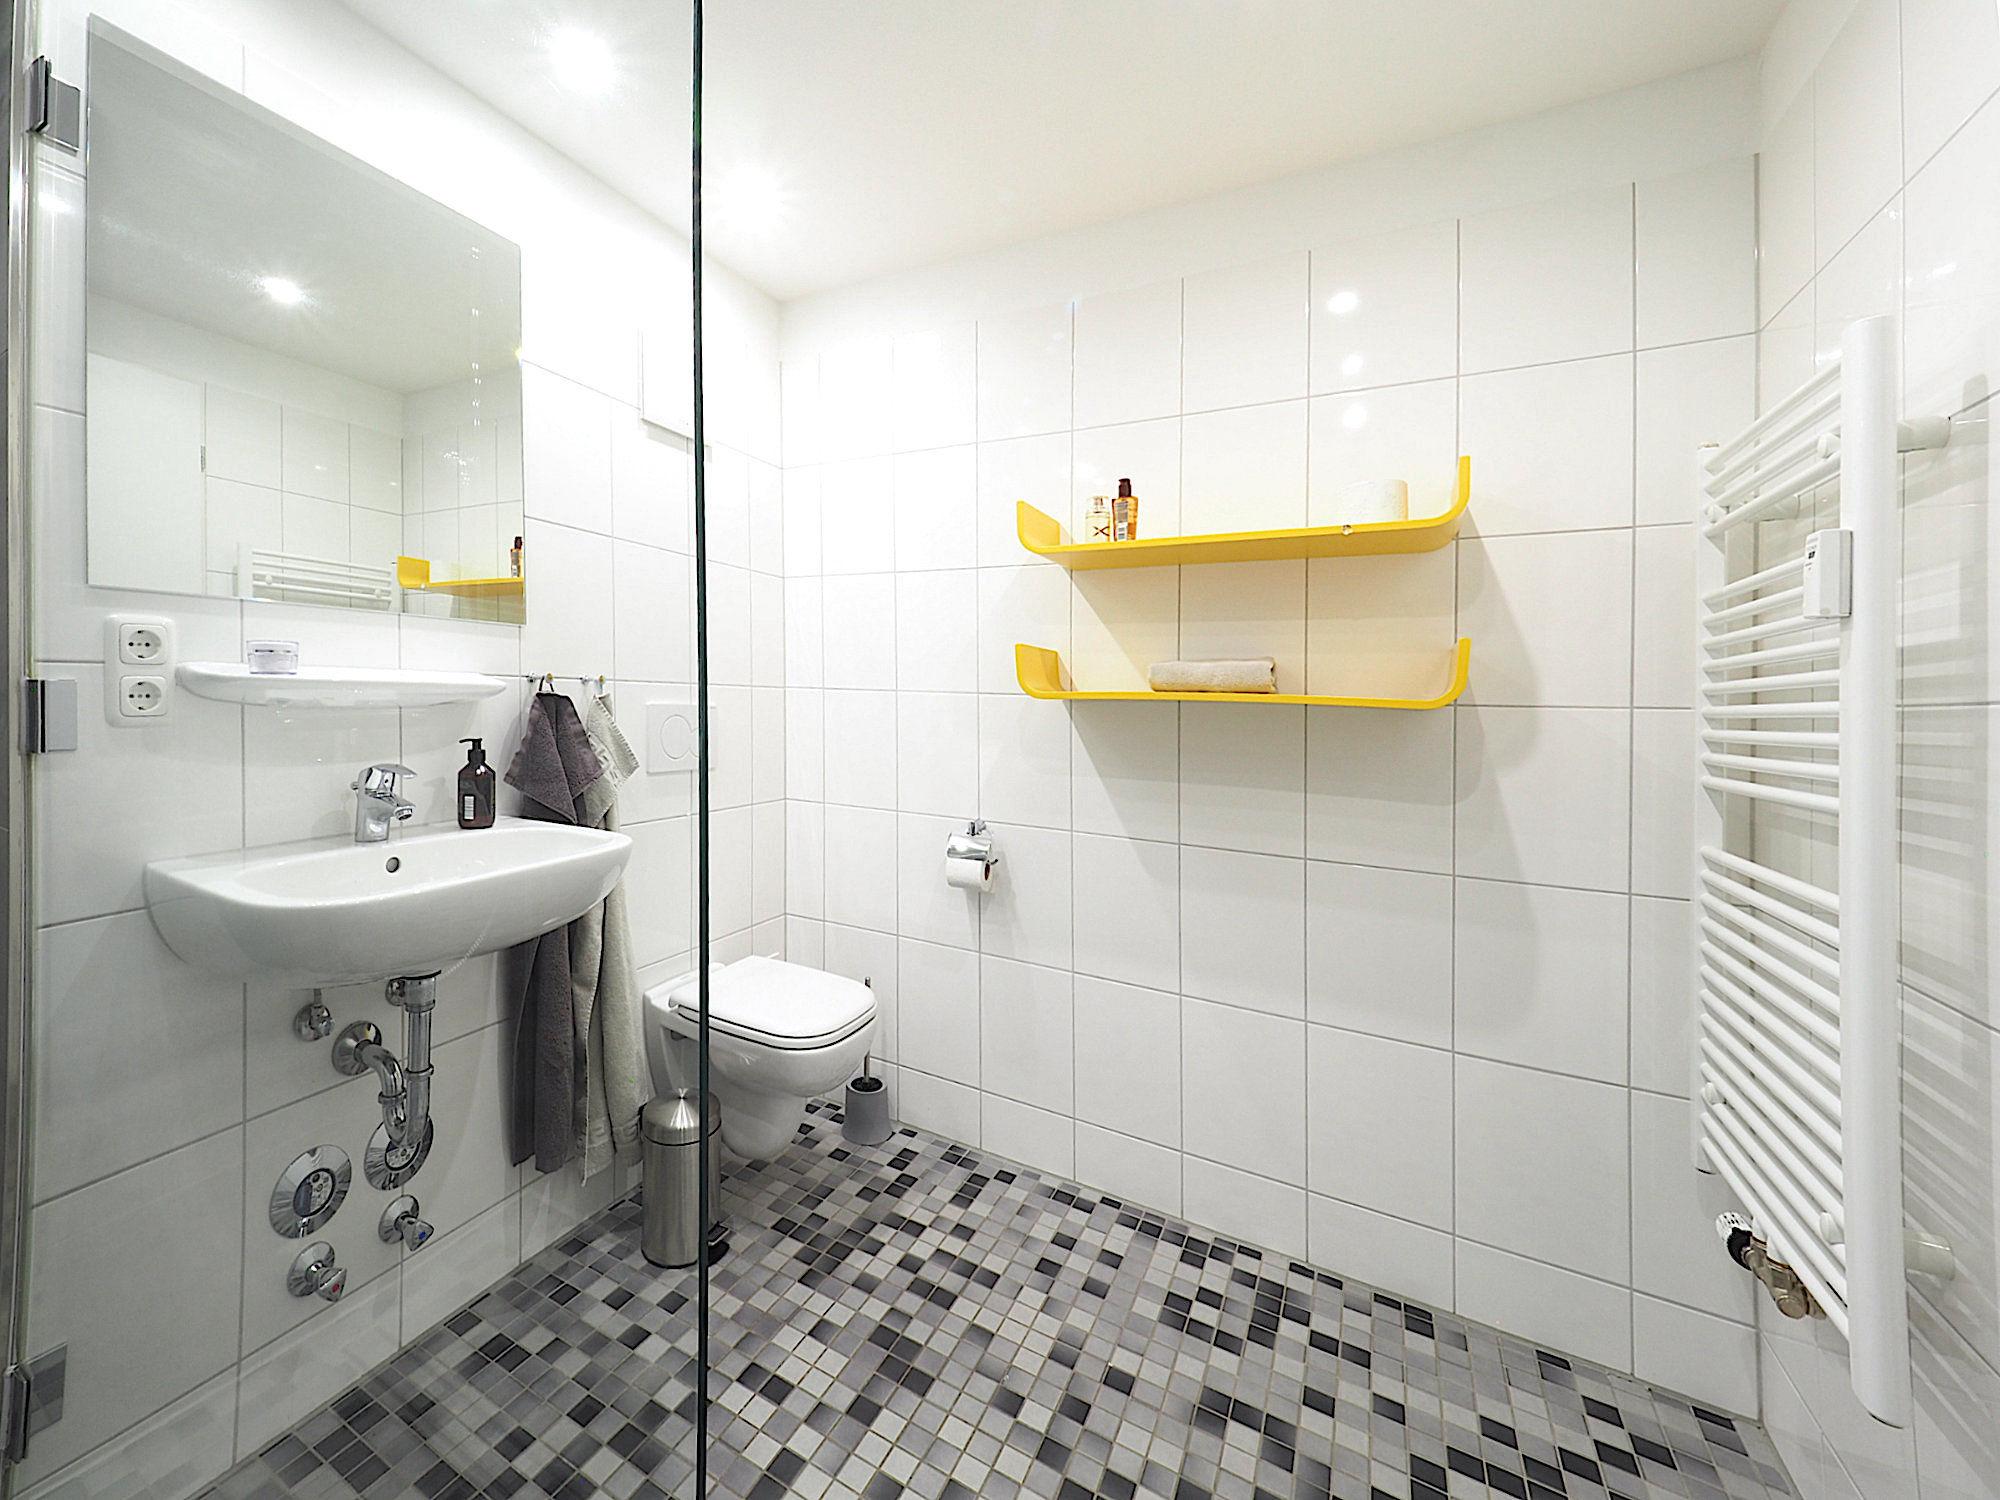 Duschbad mit bodentiefer Dusche, Waschbecken, WC und zwei Regalen